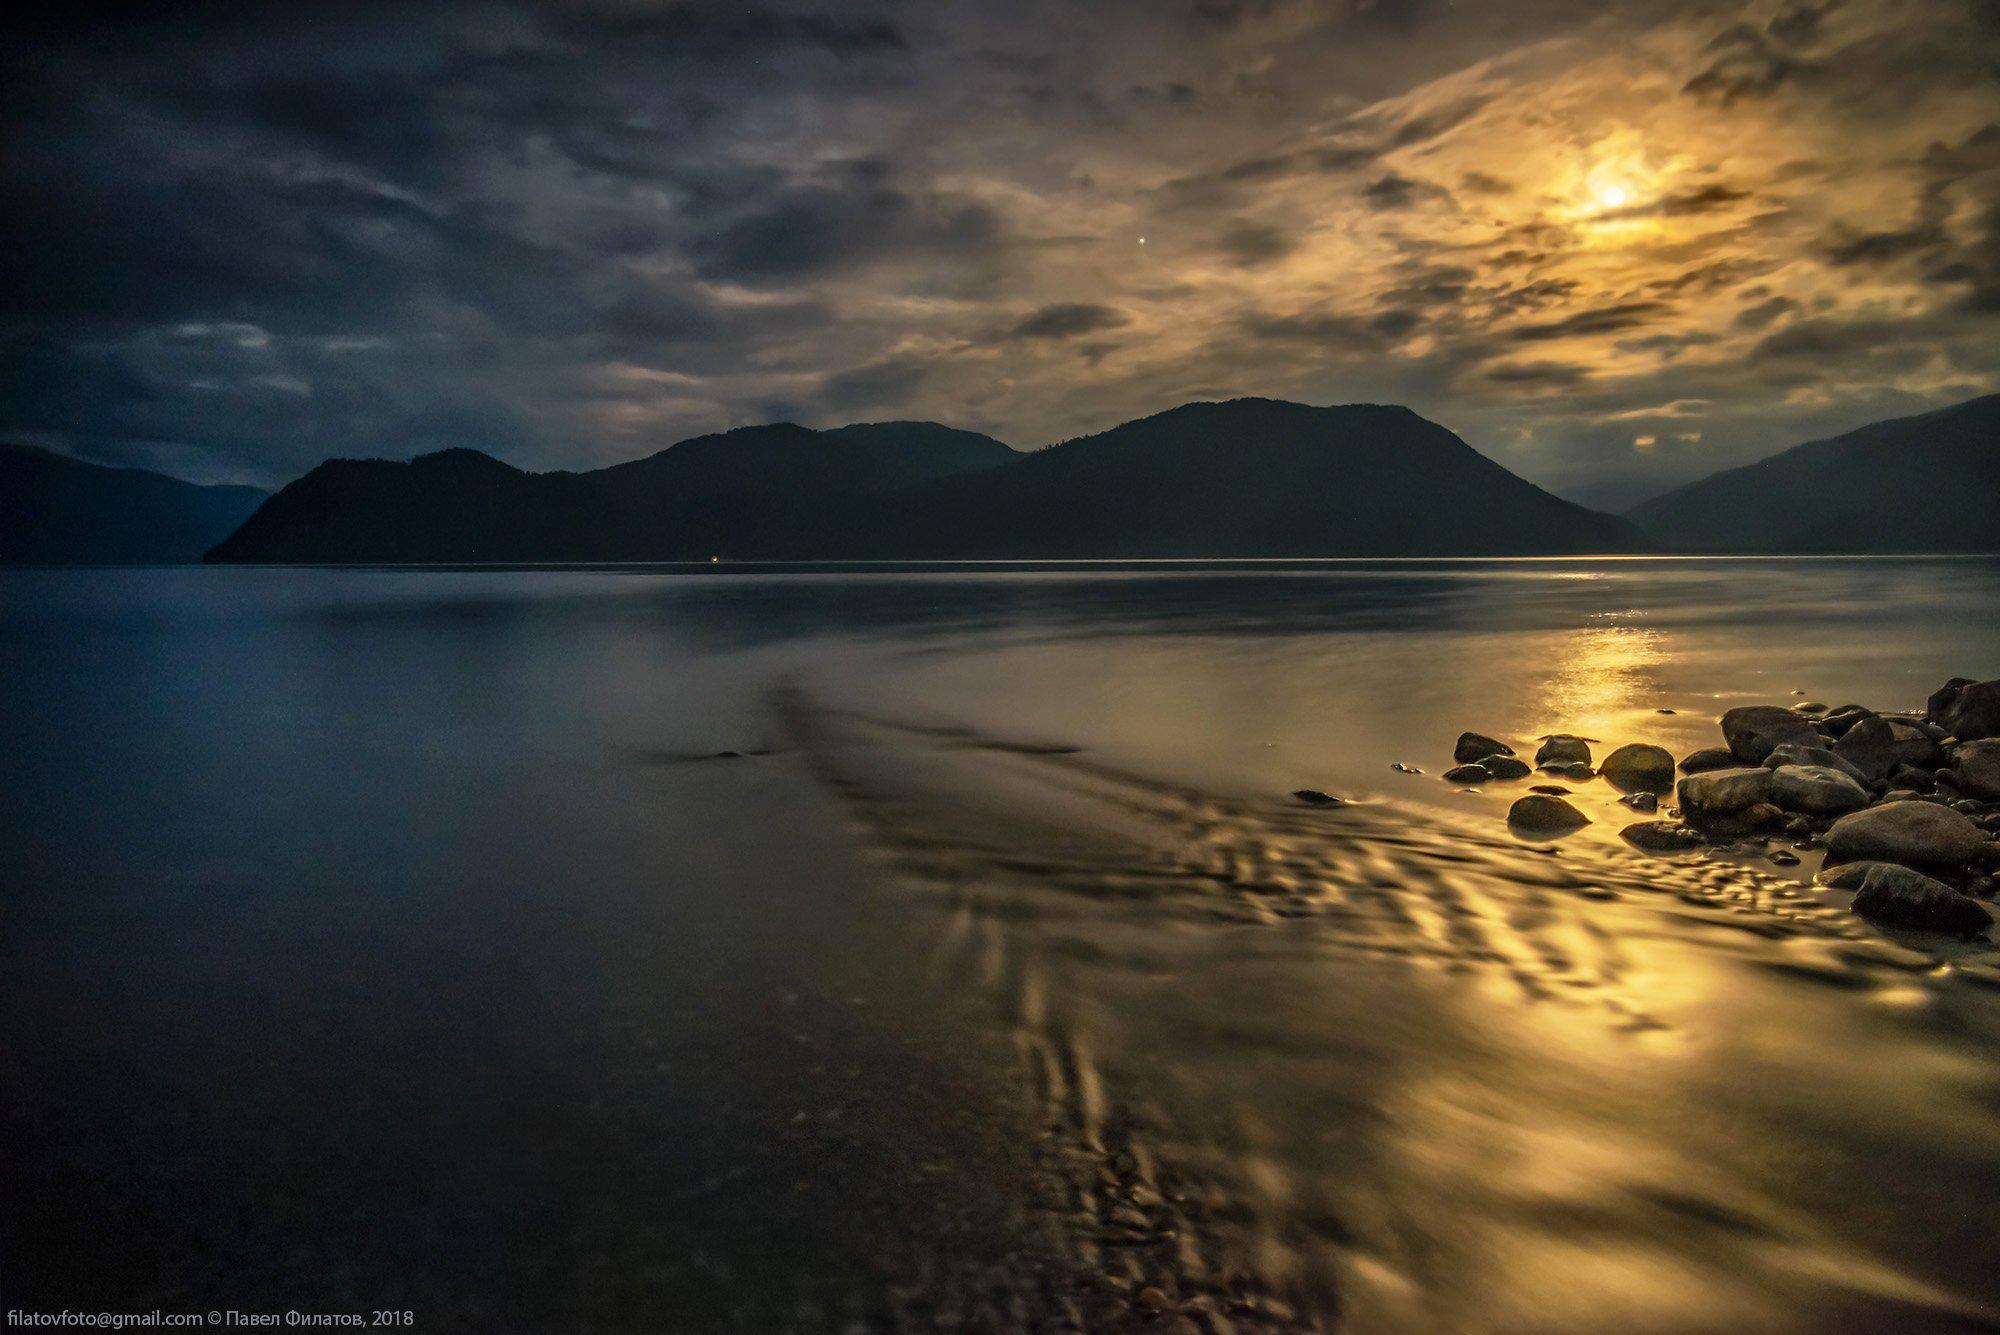 алтай, сибирь, телецкое озеро, ночь, луна, яйлю, чеченек, Павел Филатов